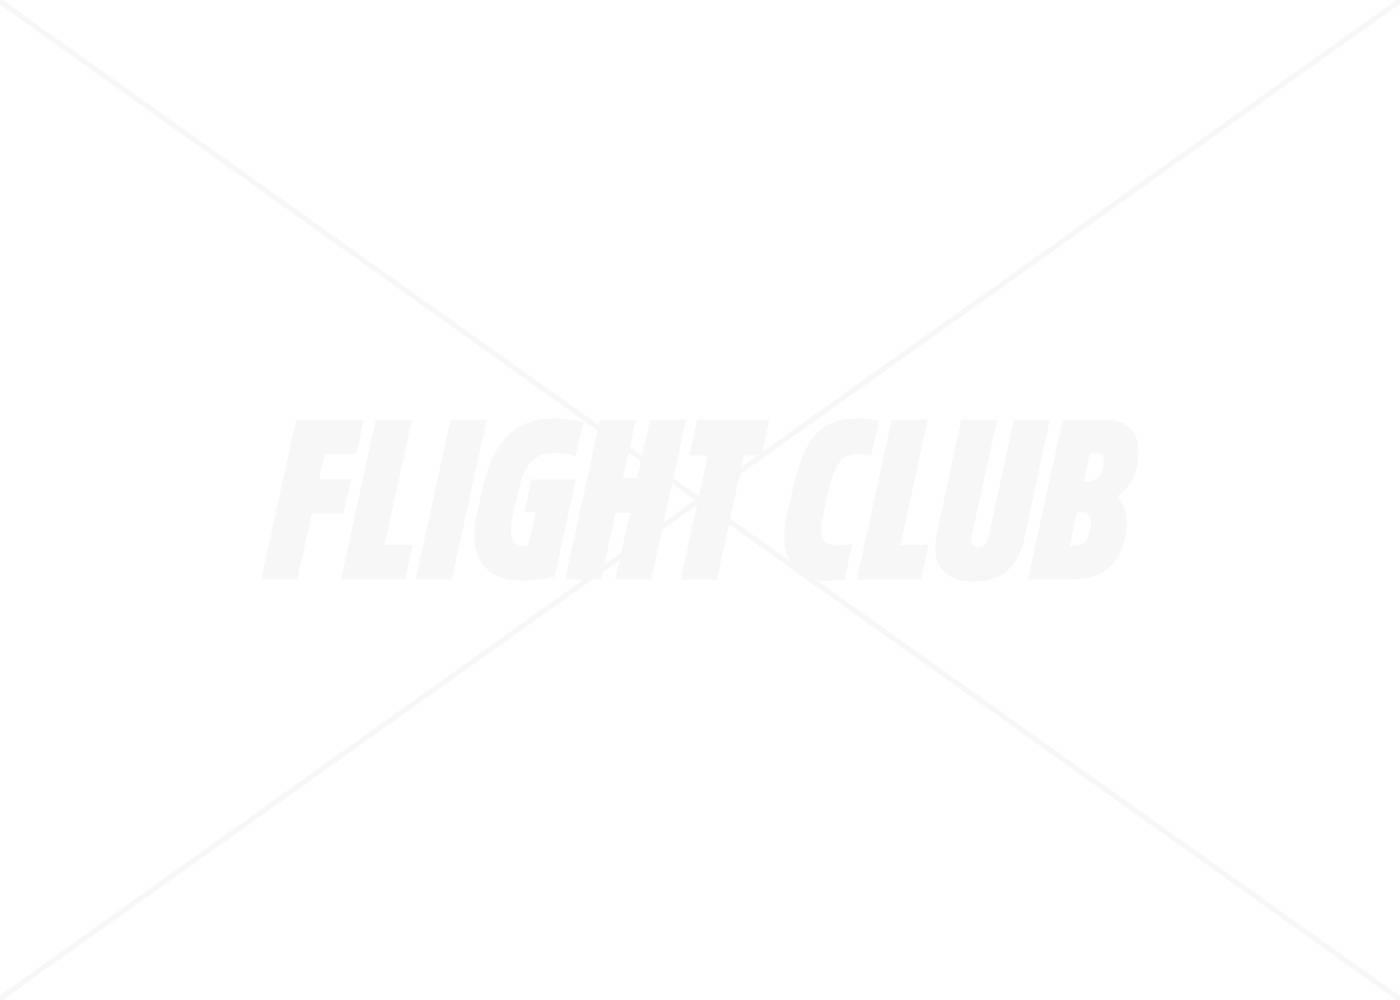 bd1e3993f89 Air Jordan 5 Retro - Air Jordan - 136027 051 - dark stucco university red